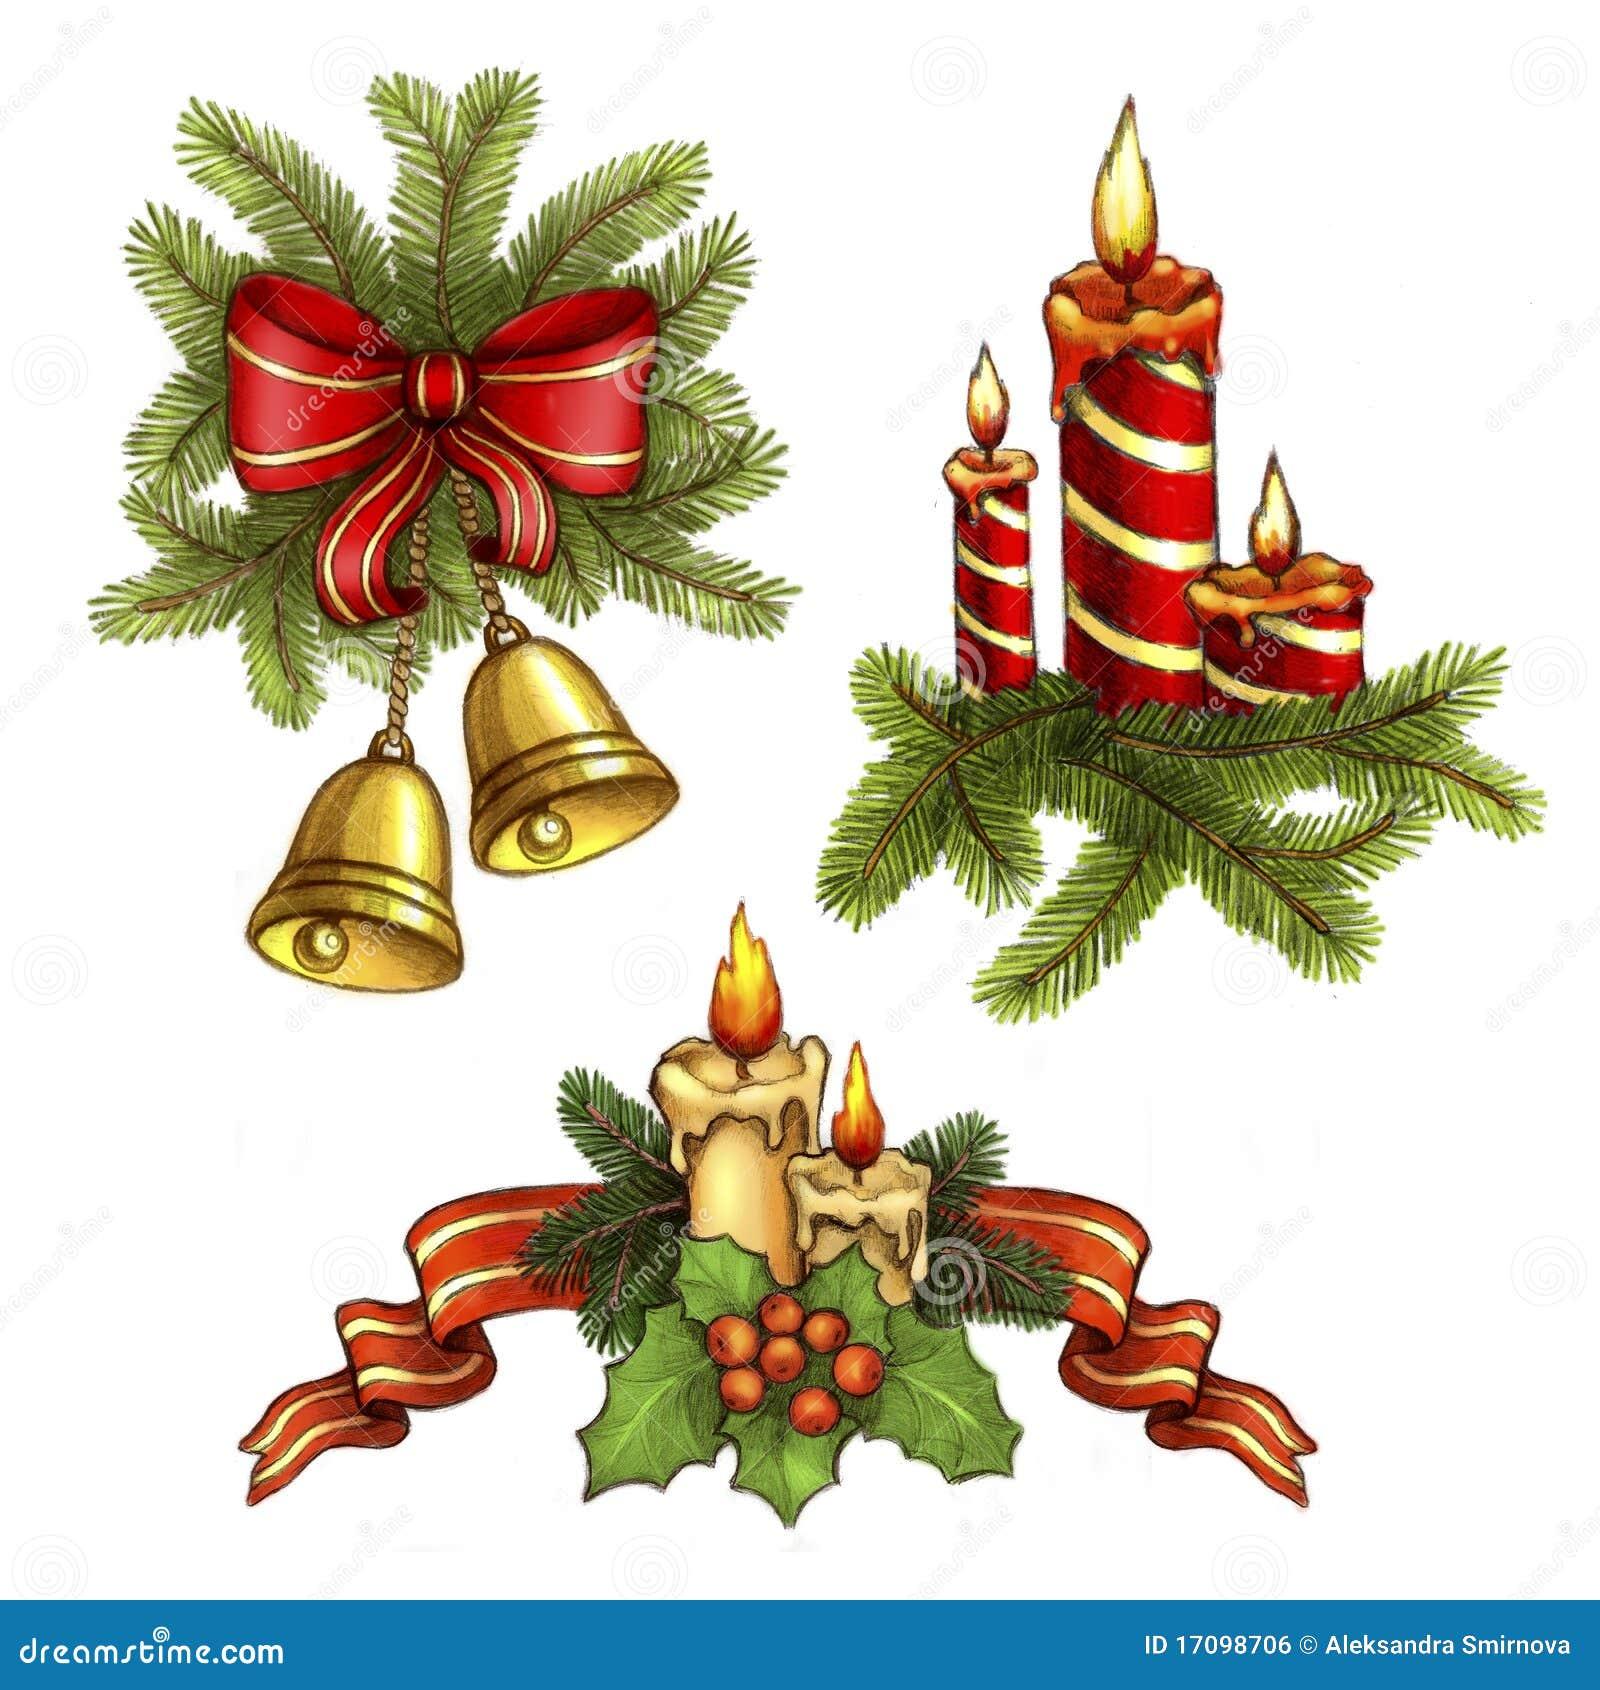 święta Bożego Narodzenia Ilustracje Boże Narodzenie 2018